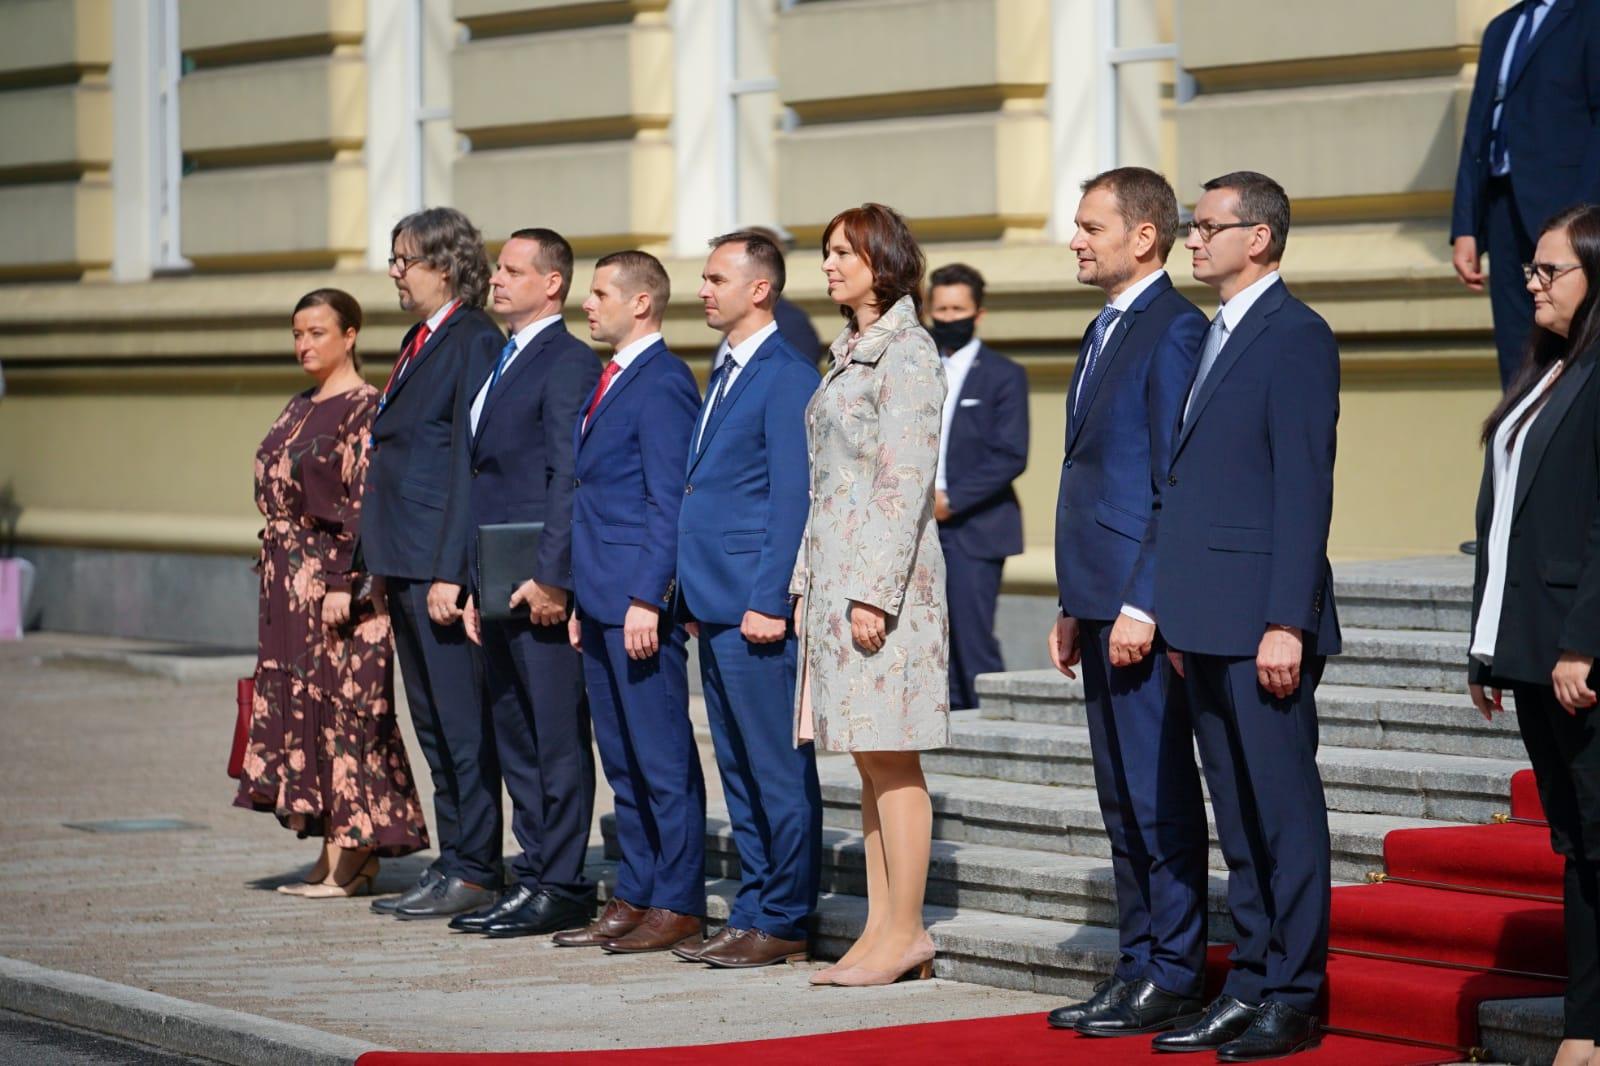 Poľsko môže byť pre nás inšpiráciou, ako upratať eurofondy